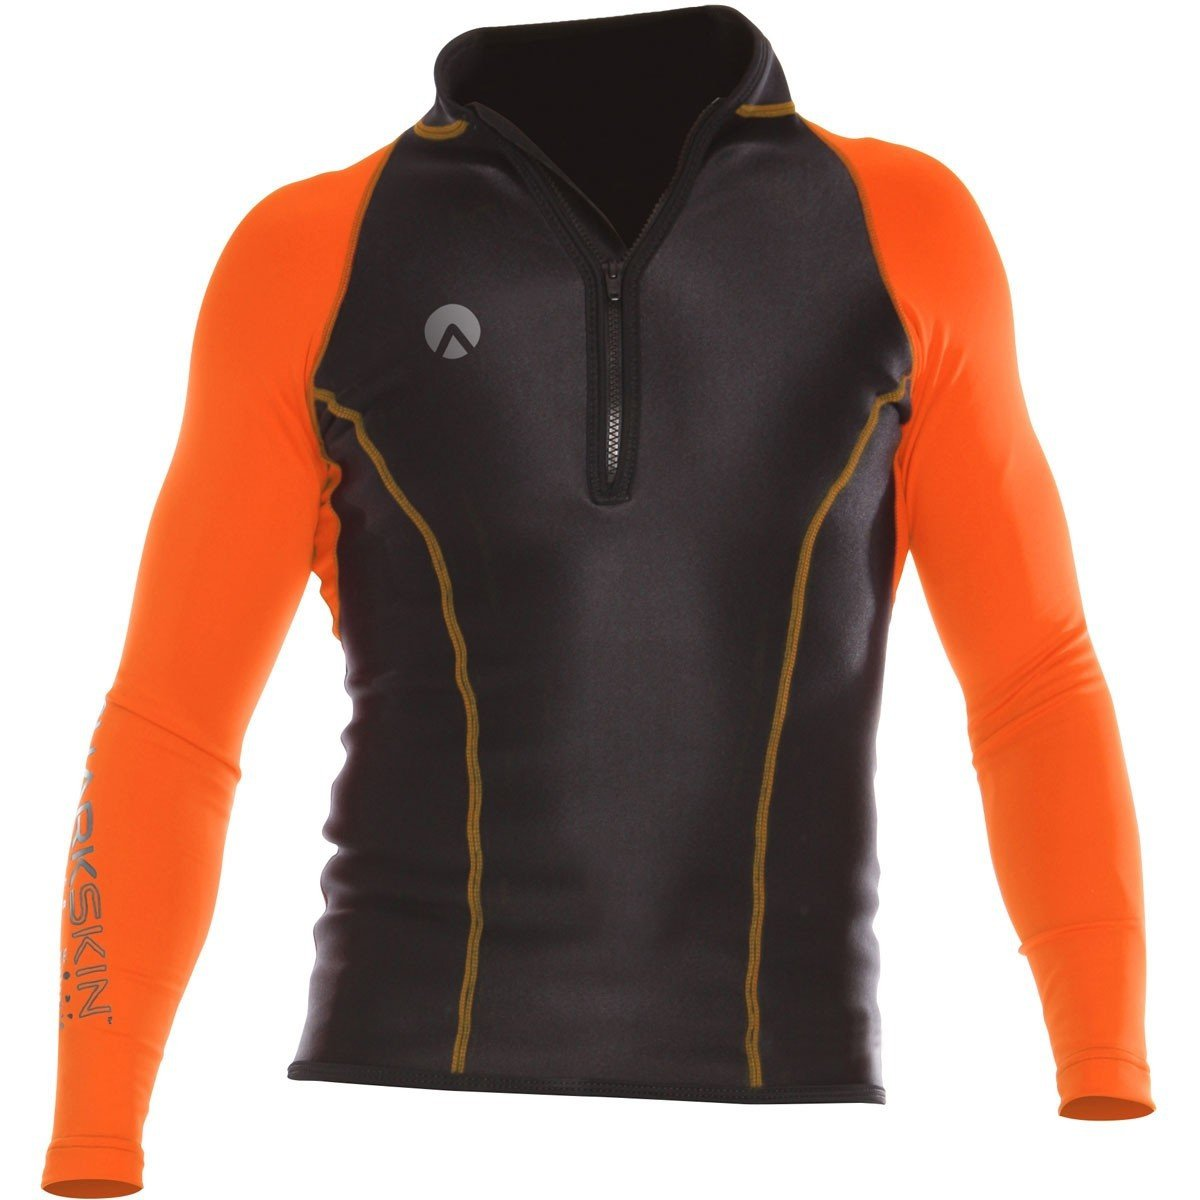 スポーツ オレンジ パフォーマンスウェア ラッシュガード Sharkskin スキューバウォーター 長袖シャツ B0797ZB51Y 防寒 メンズ XXXX-Large シュノーケリング ダイビング